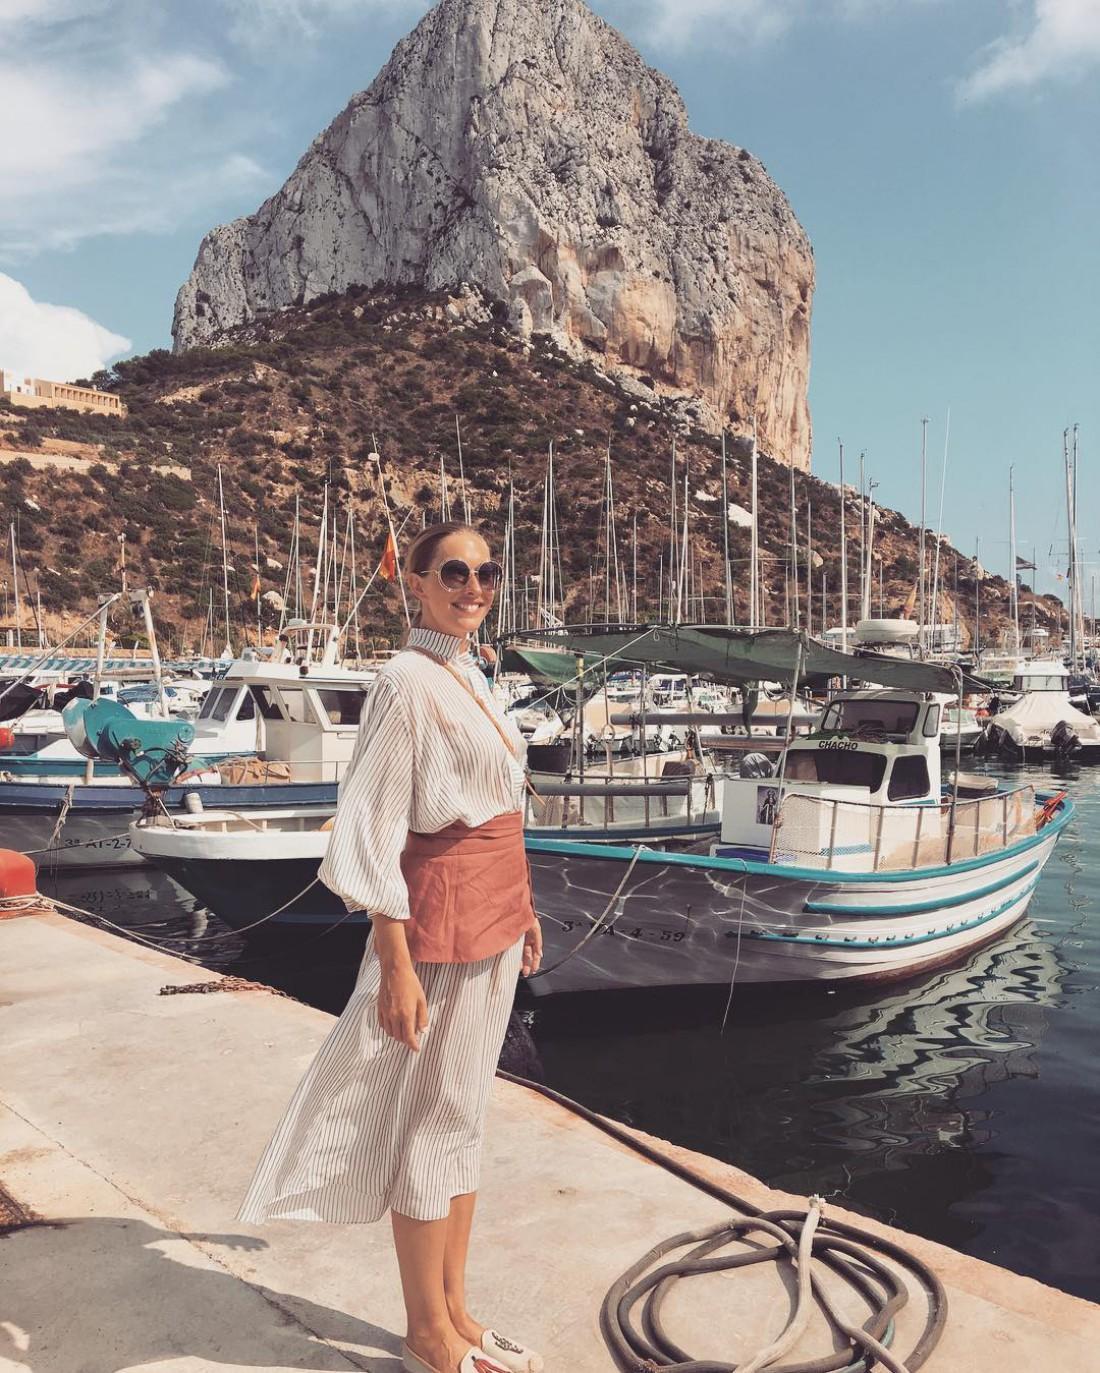 Катя Осадчая и Юрий Горбунов отдыхают в Испании